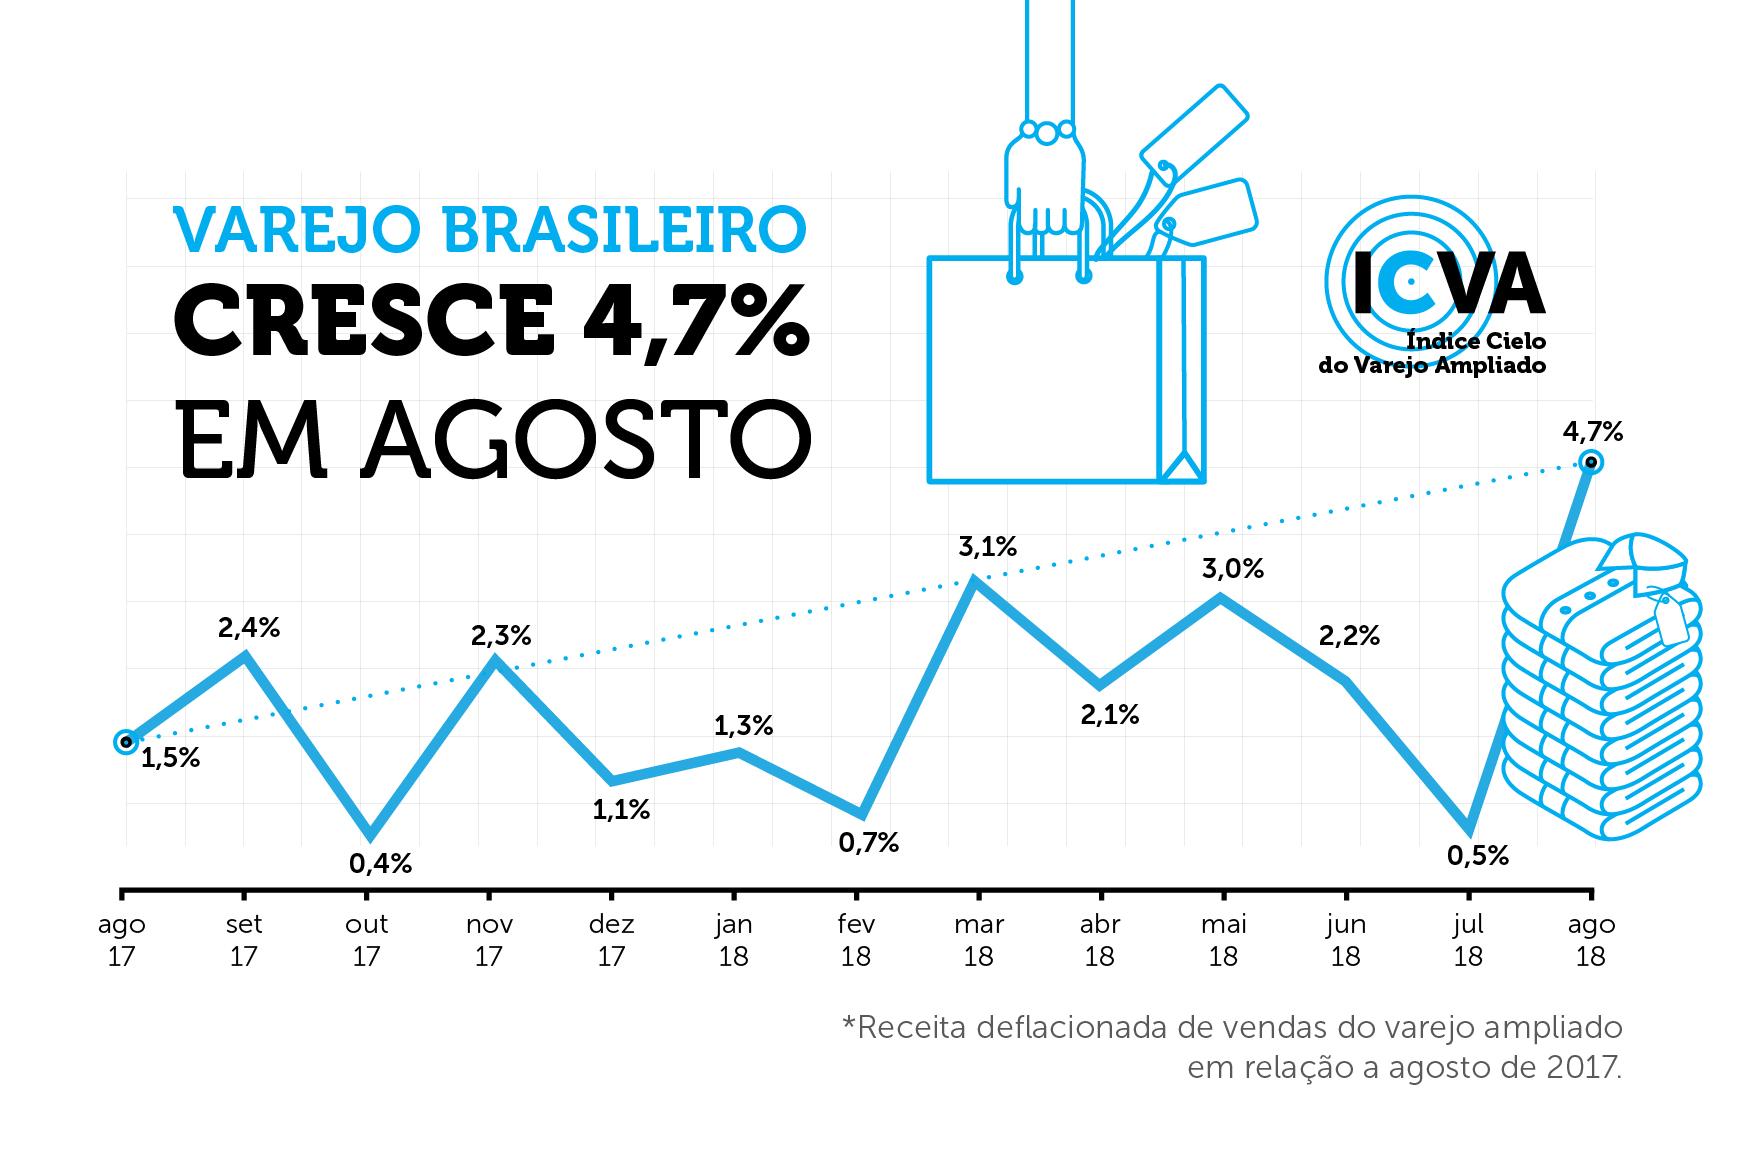 Varejo cresce 4,7% em agosto, aponta ICVA